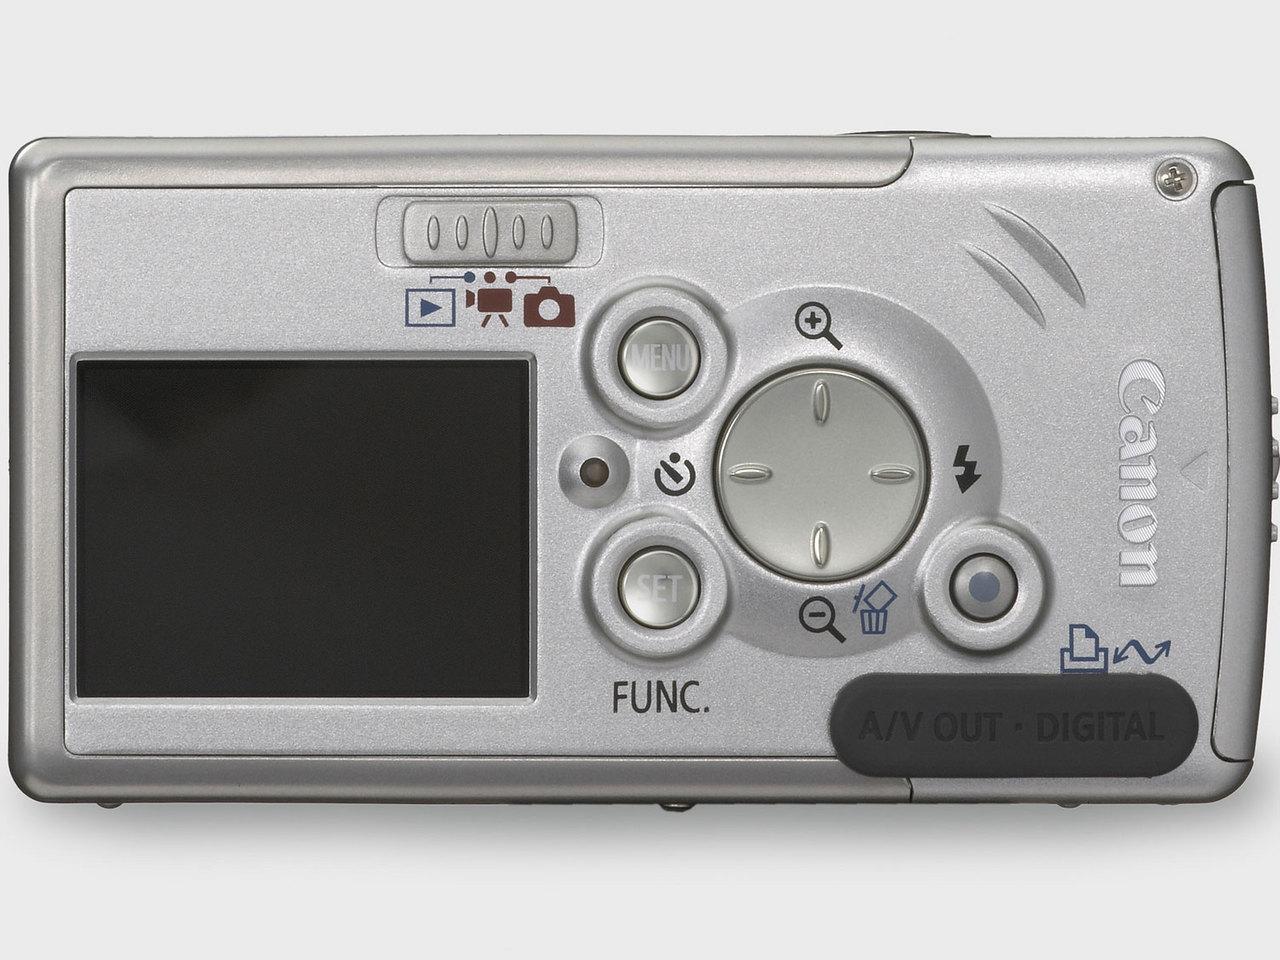 『本体 背面』 IXY DIGITAL L2 の製品画像